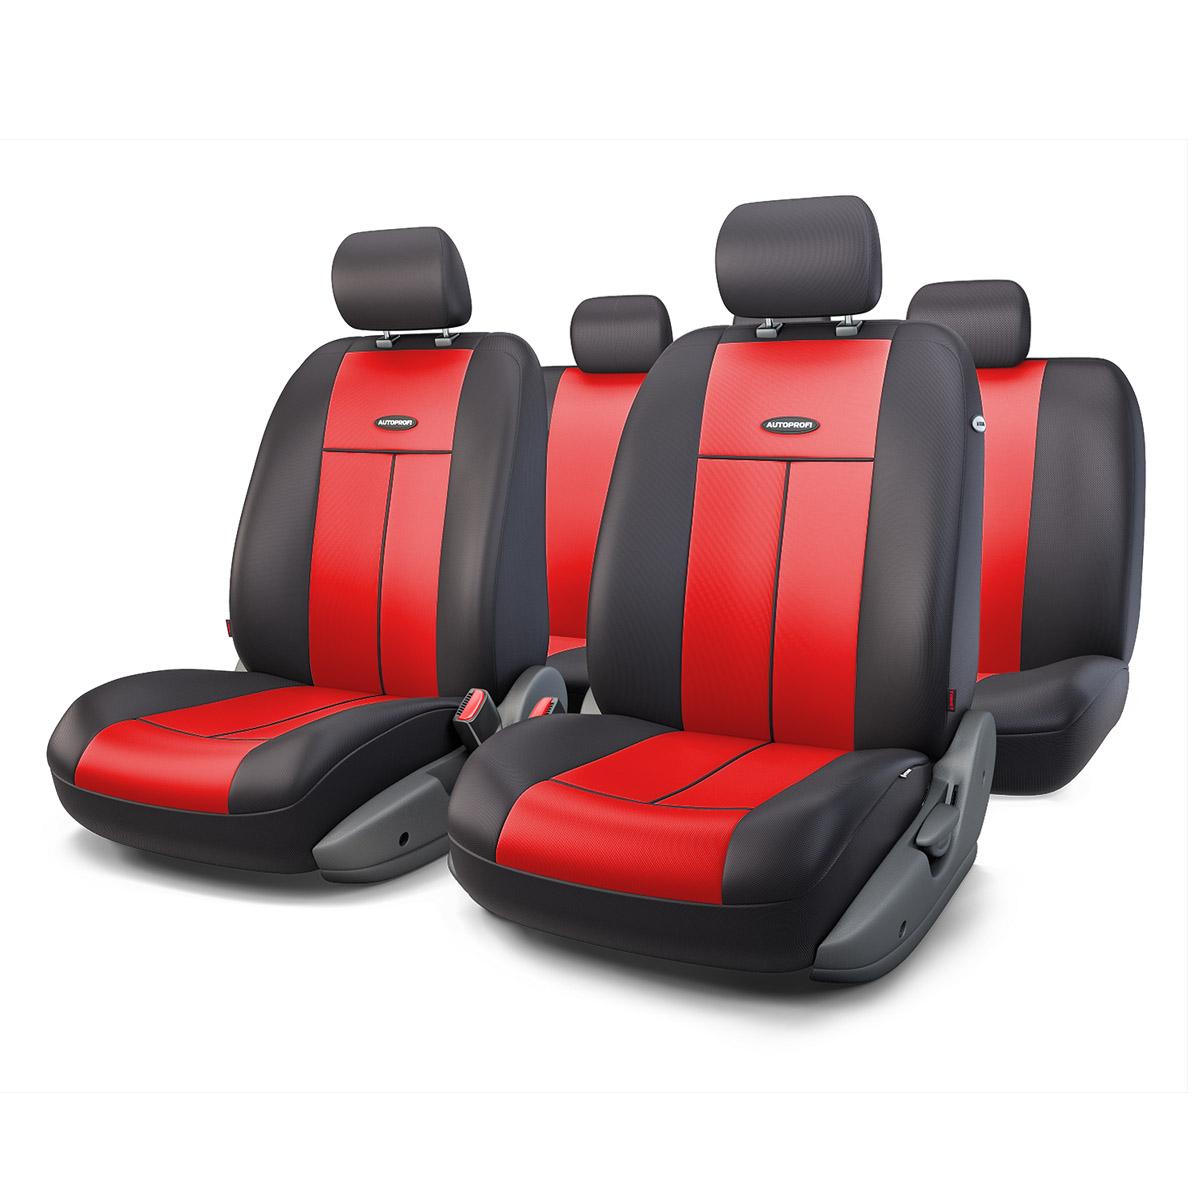 Чехол на сиденье Autoprofi Tt-902p bk/rd чехлы на сиденья autoprofi автомобильные чехлы tt tt 902m bk bl